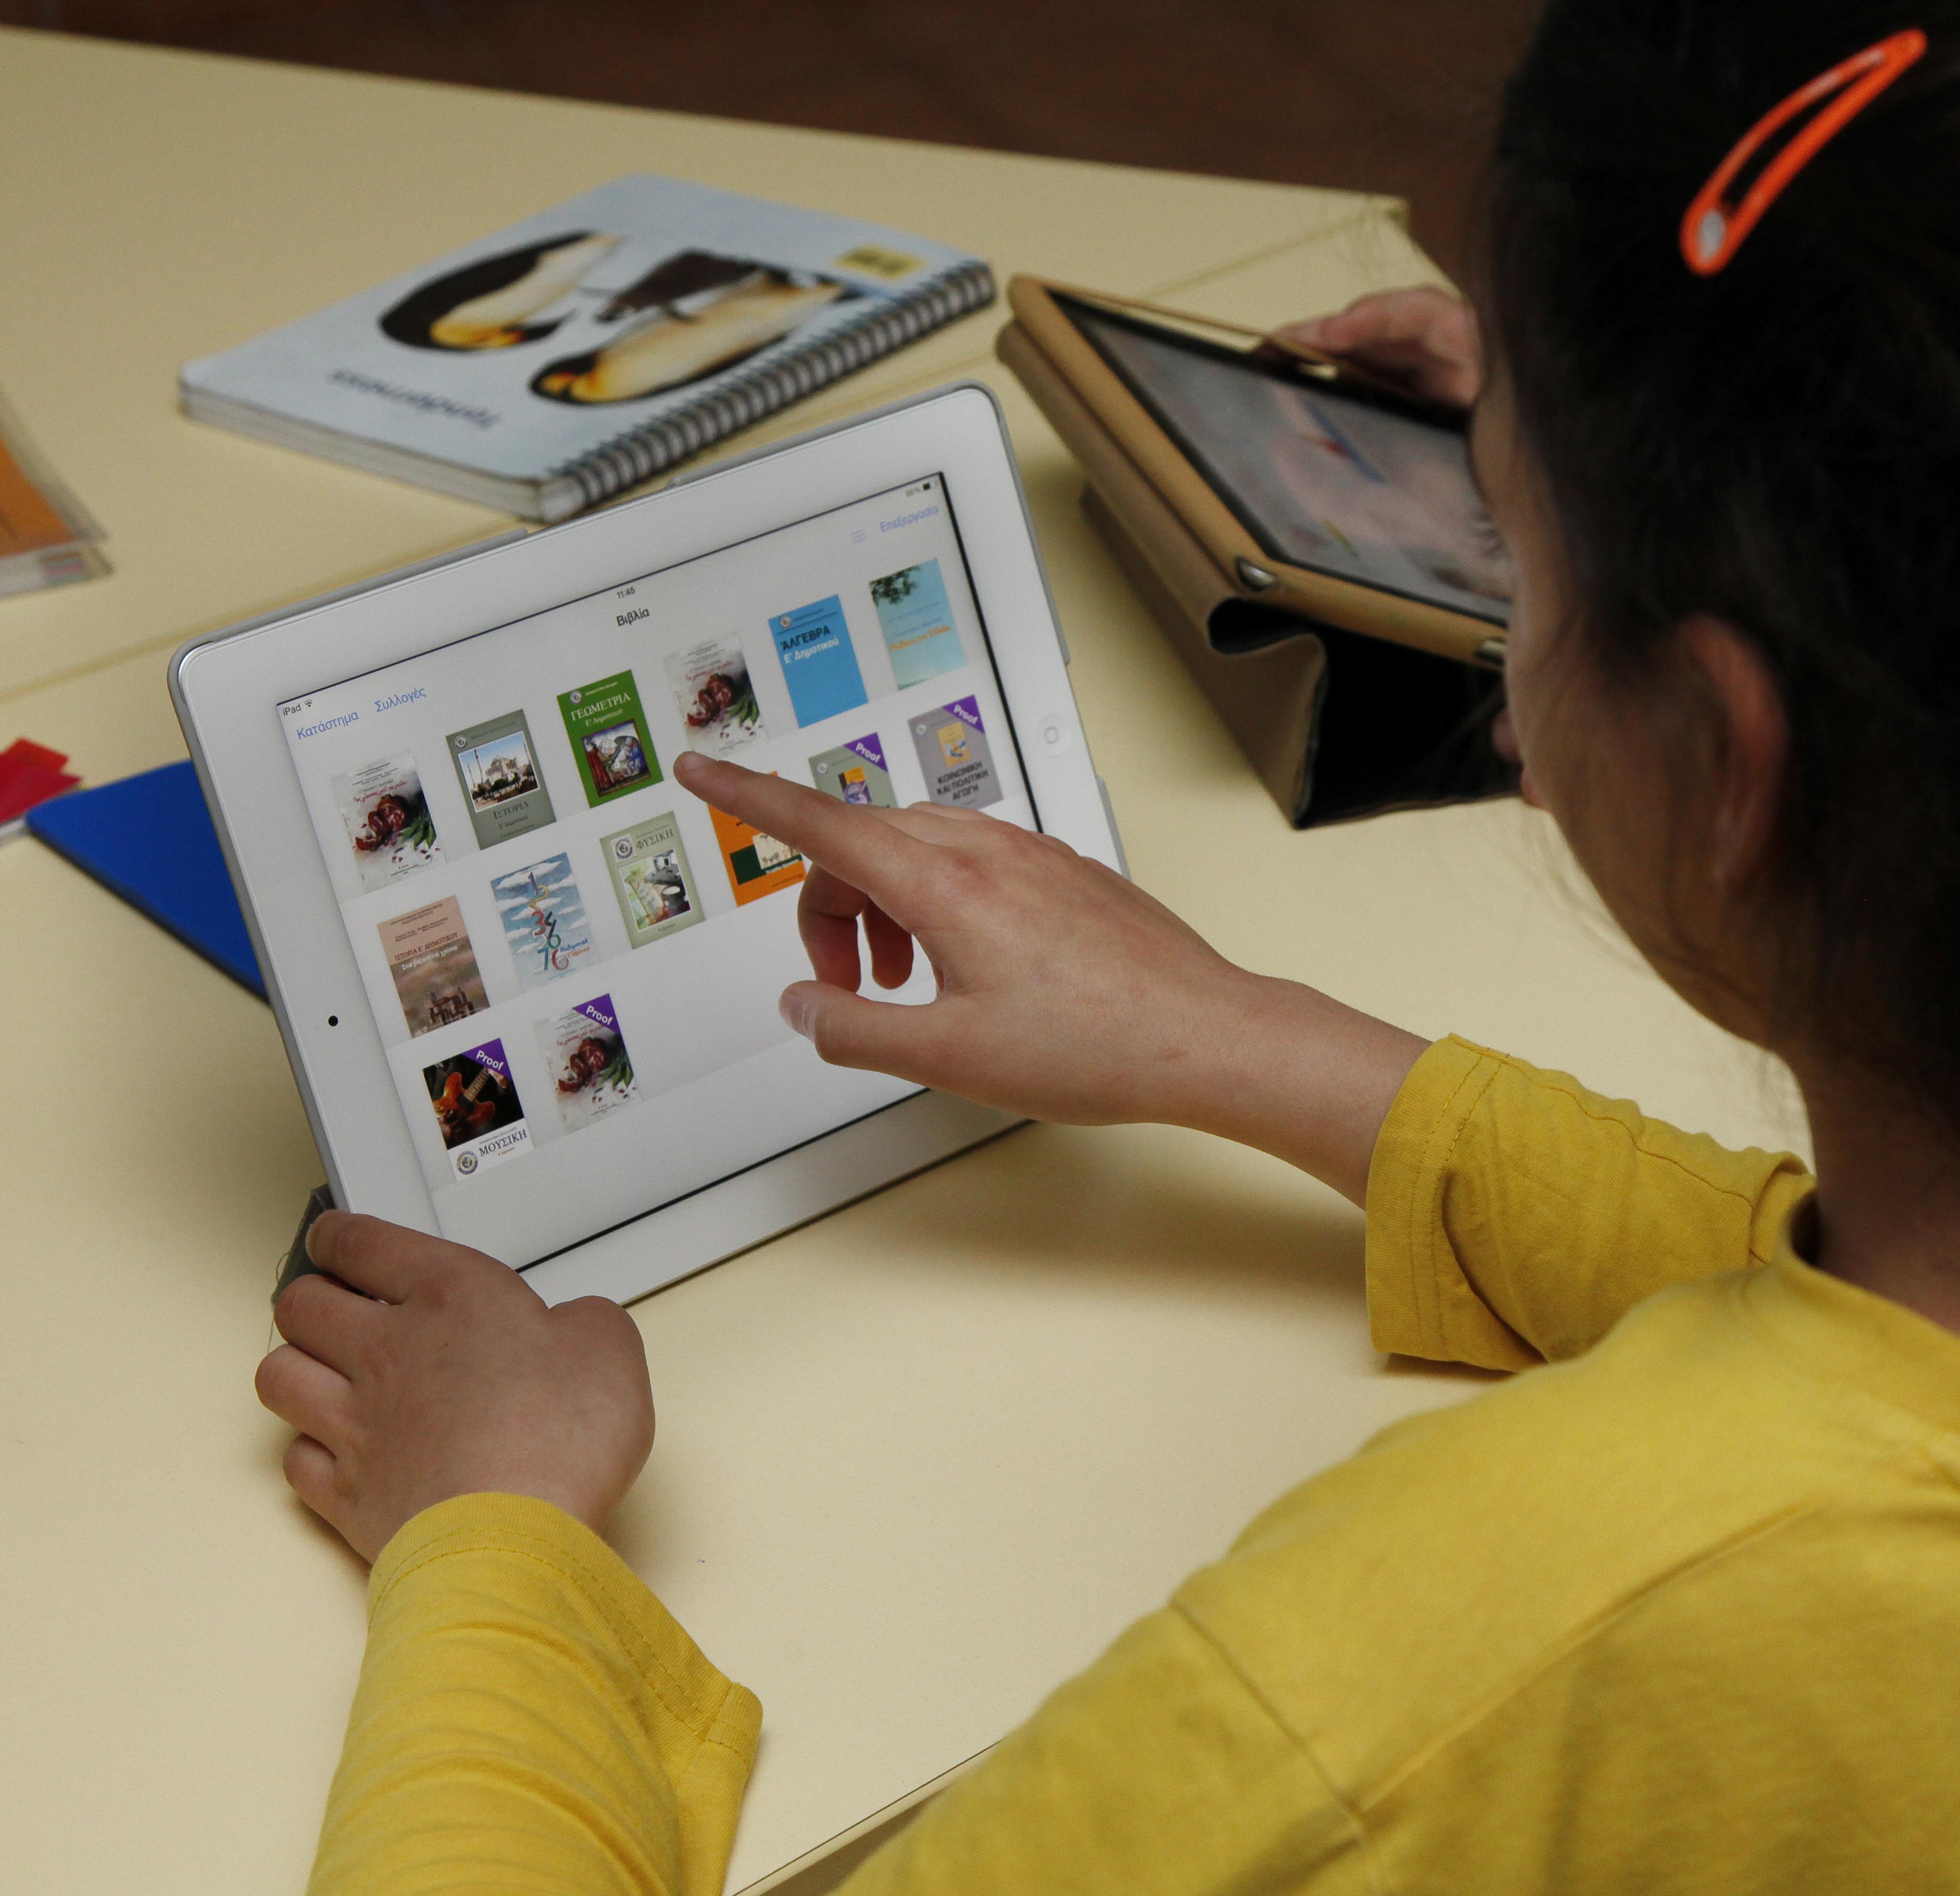 Ψηφιακή Τάξη: Βέλτιστη Μαθησιακή Εμπειρία